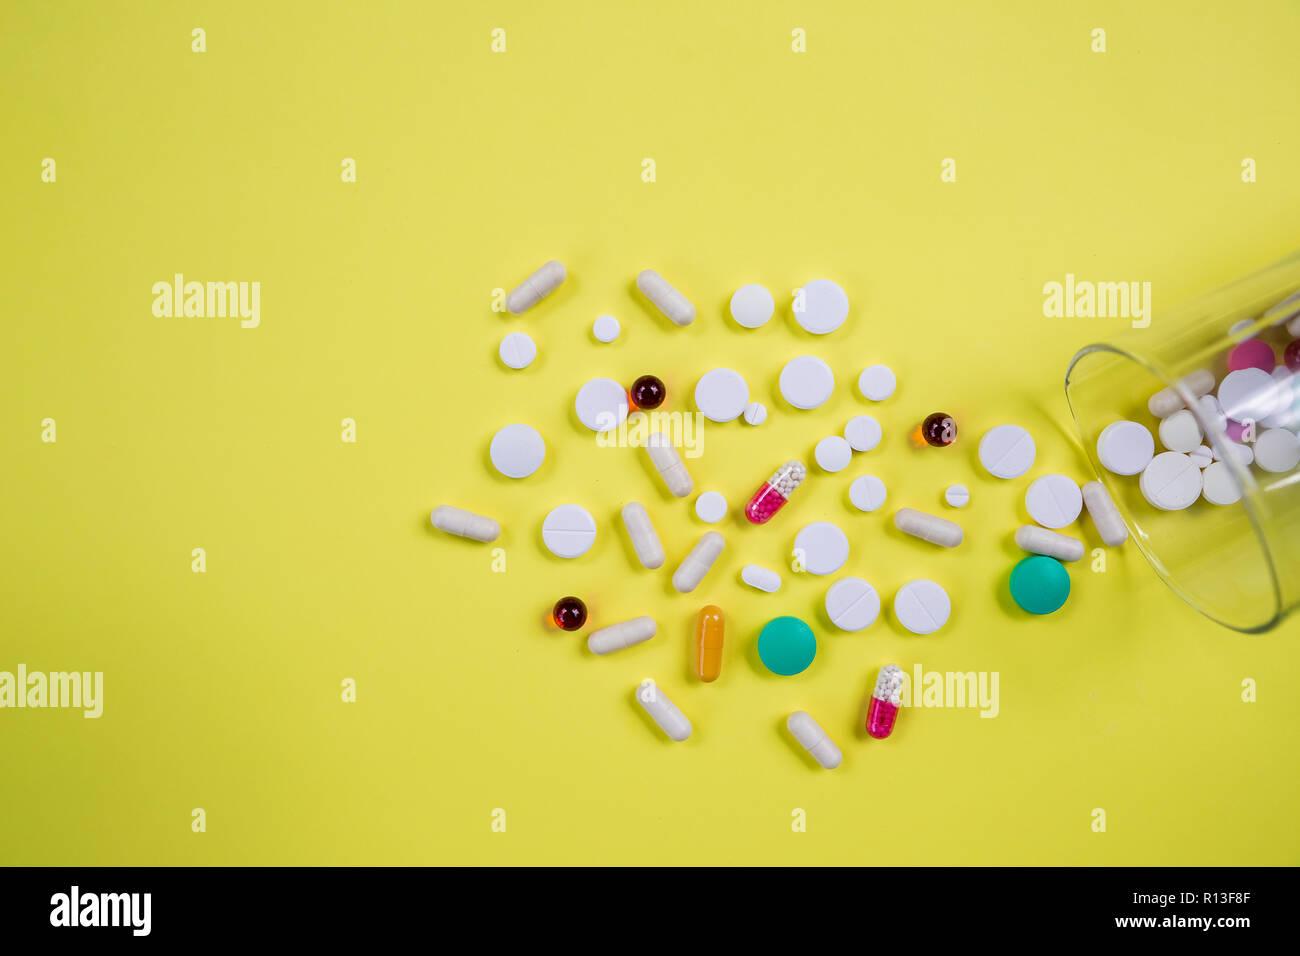 Vitamine Nahrungserganzungsmittel In Der Flasche Auf Der Gelben